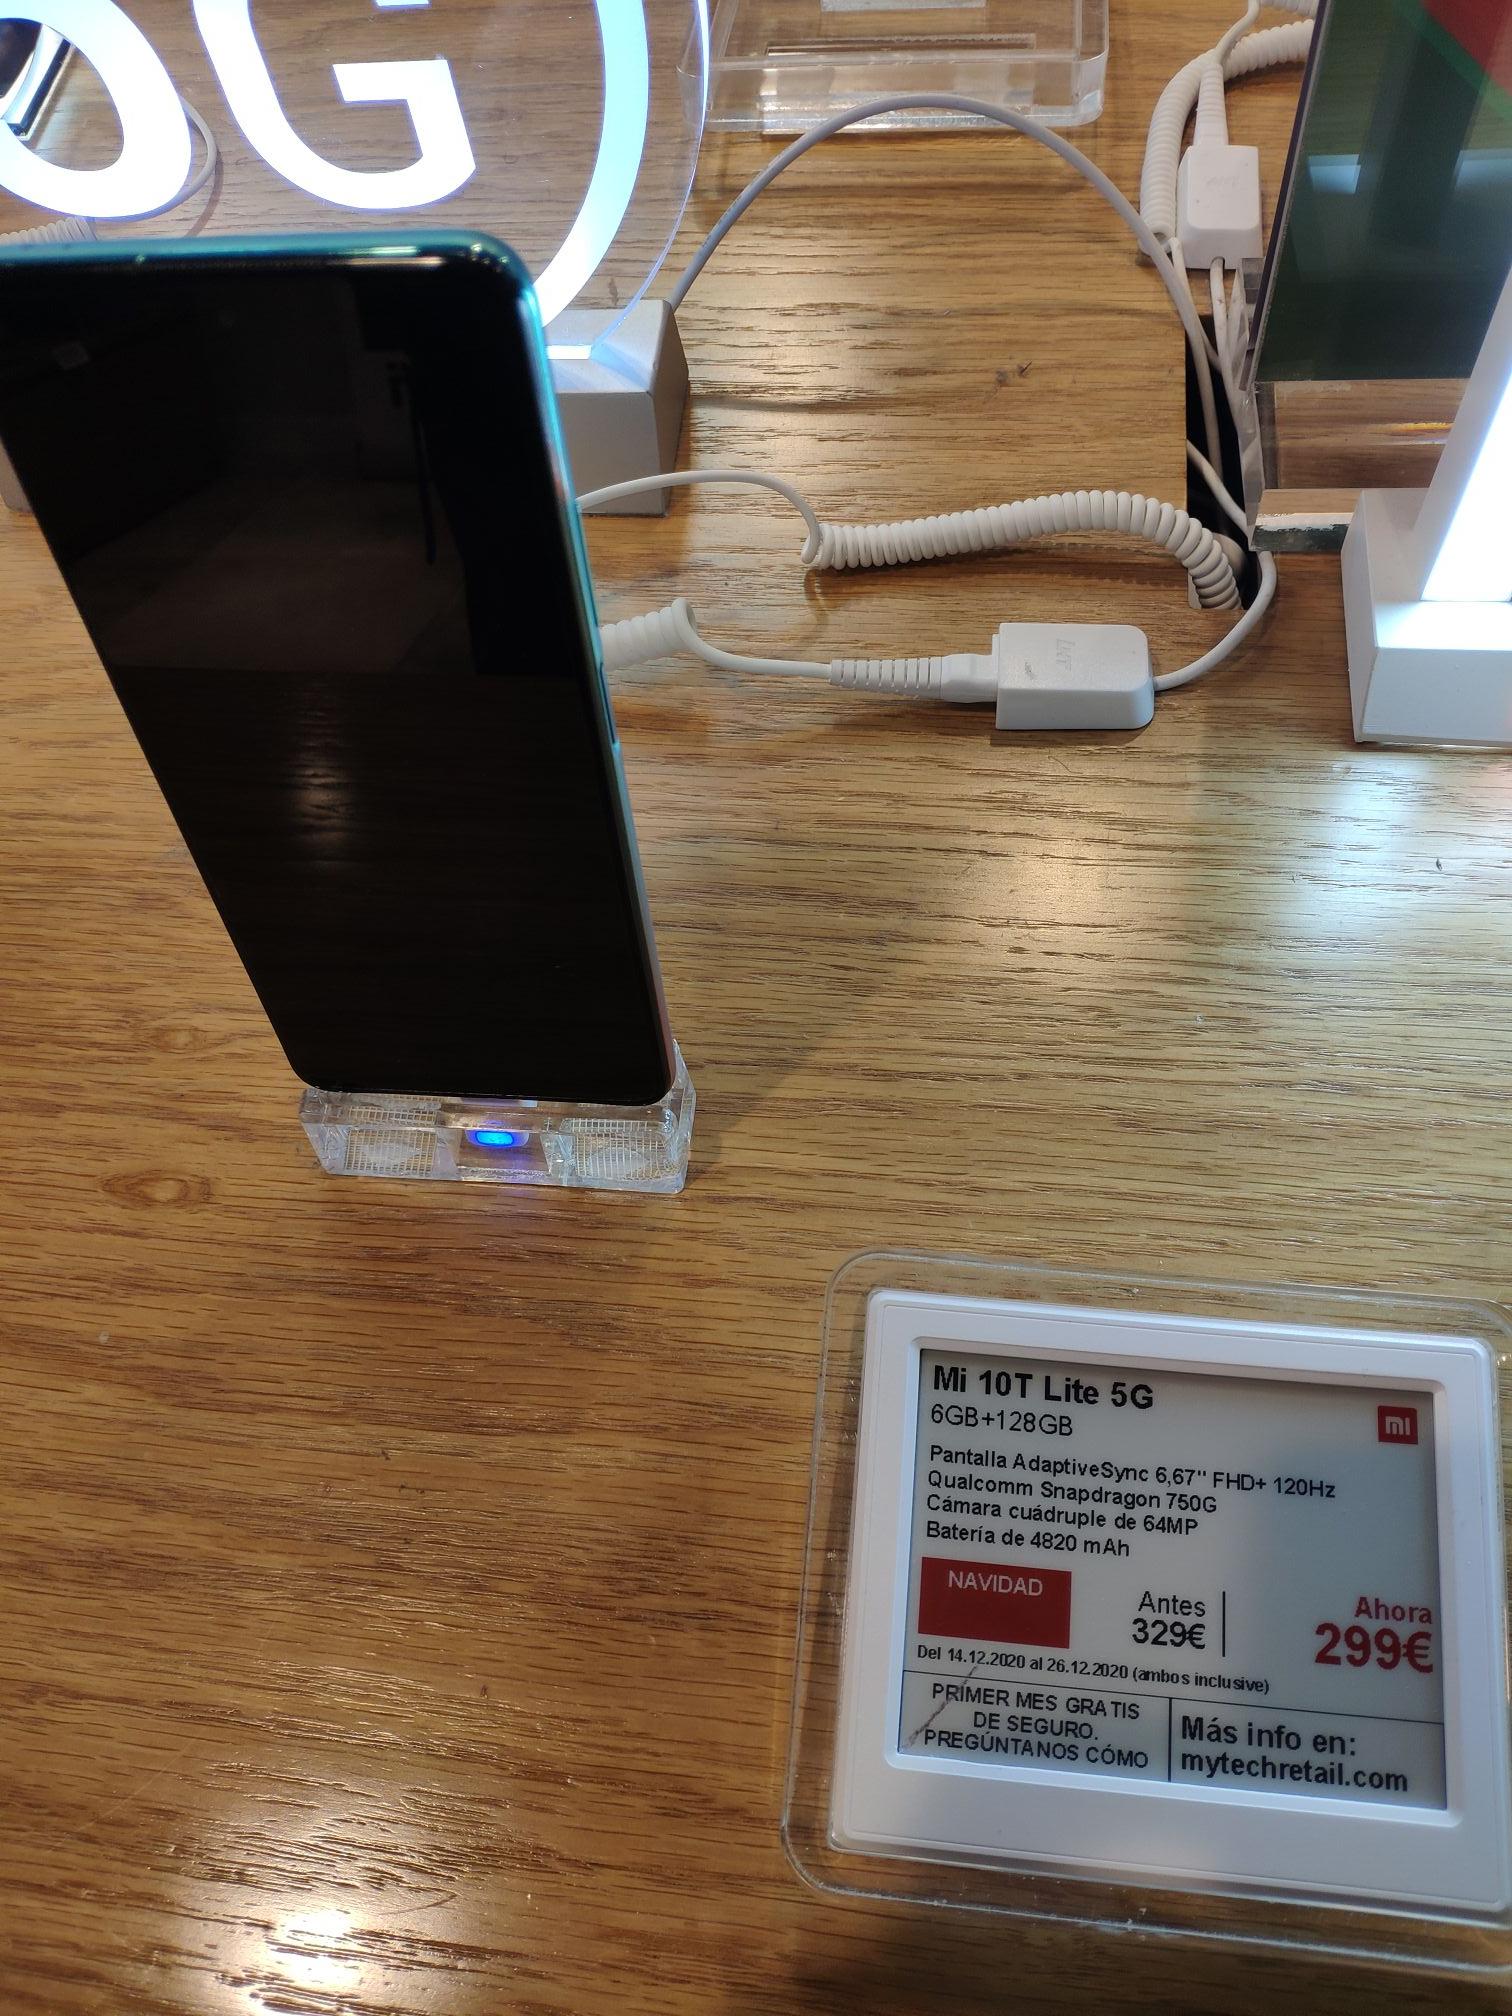 Mi 10T Lite 5G en el C.C Boulevard de Vitoria. En la tienda oficial de Xiaomi